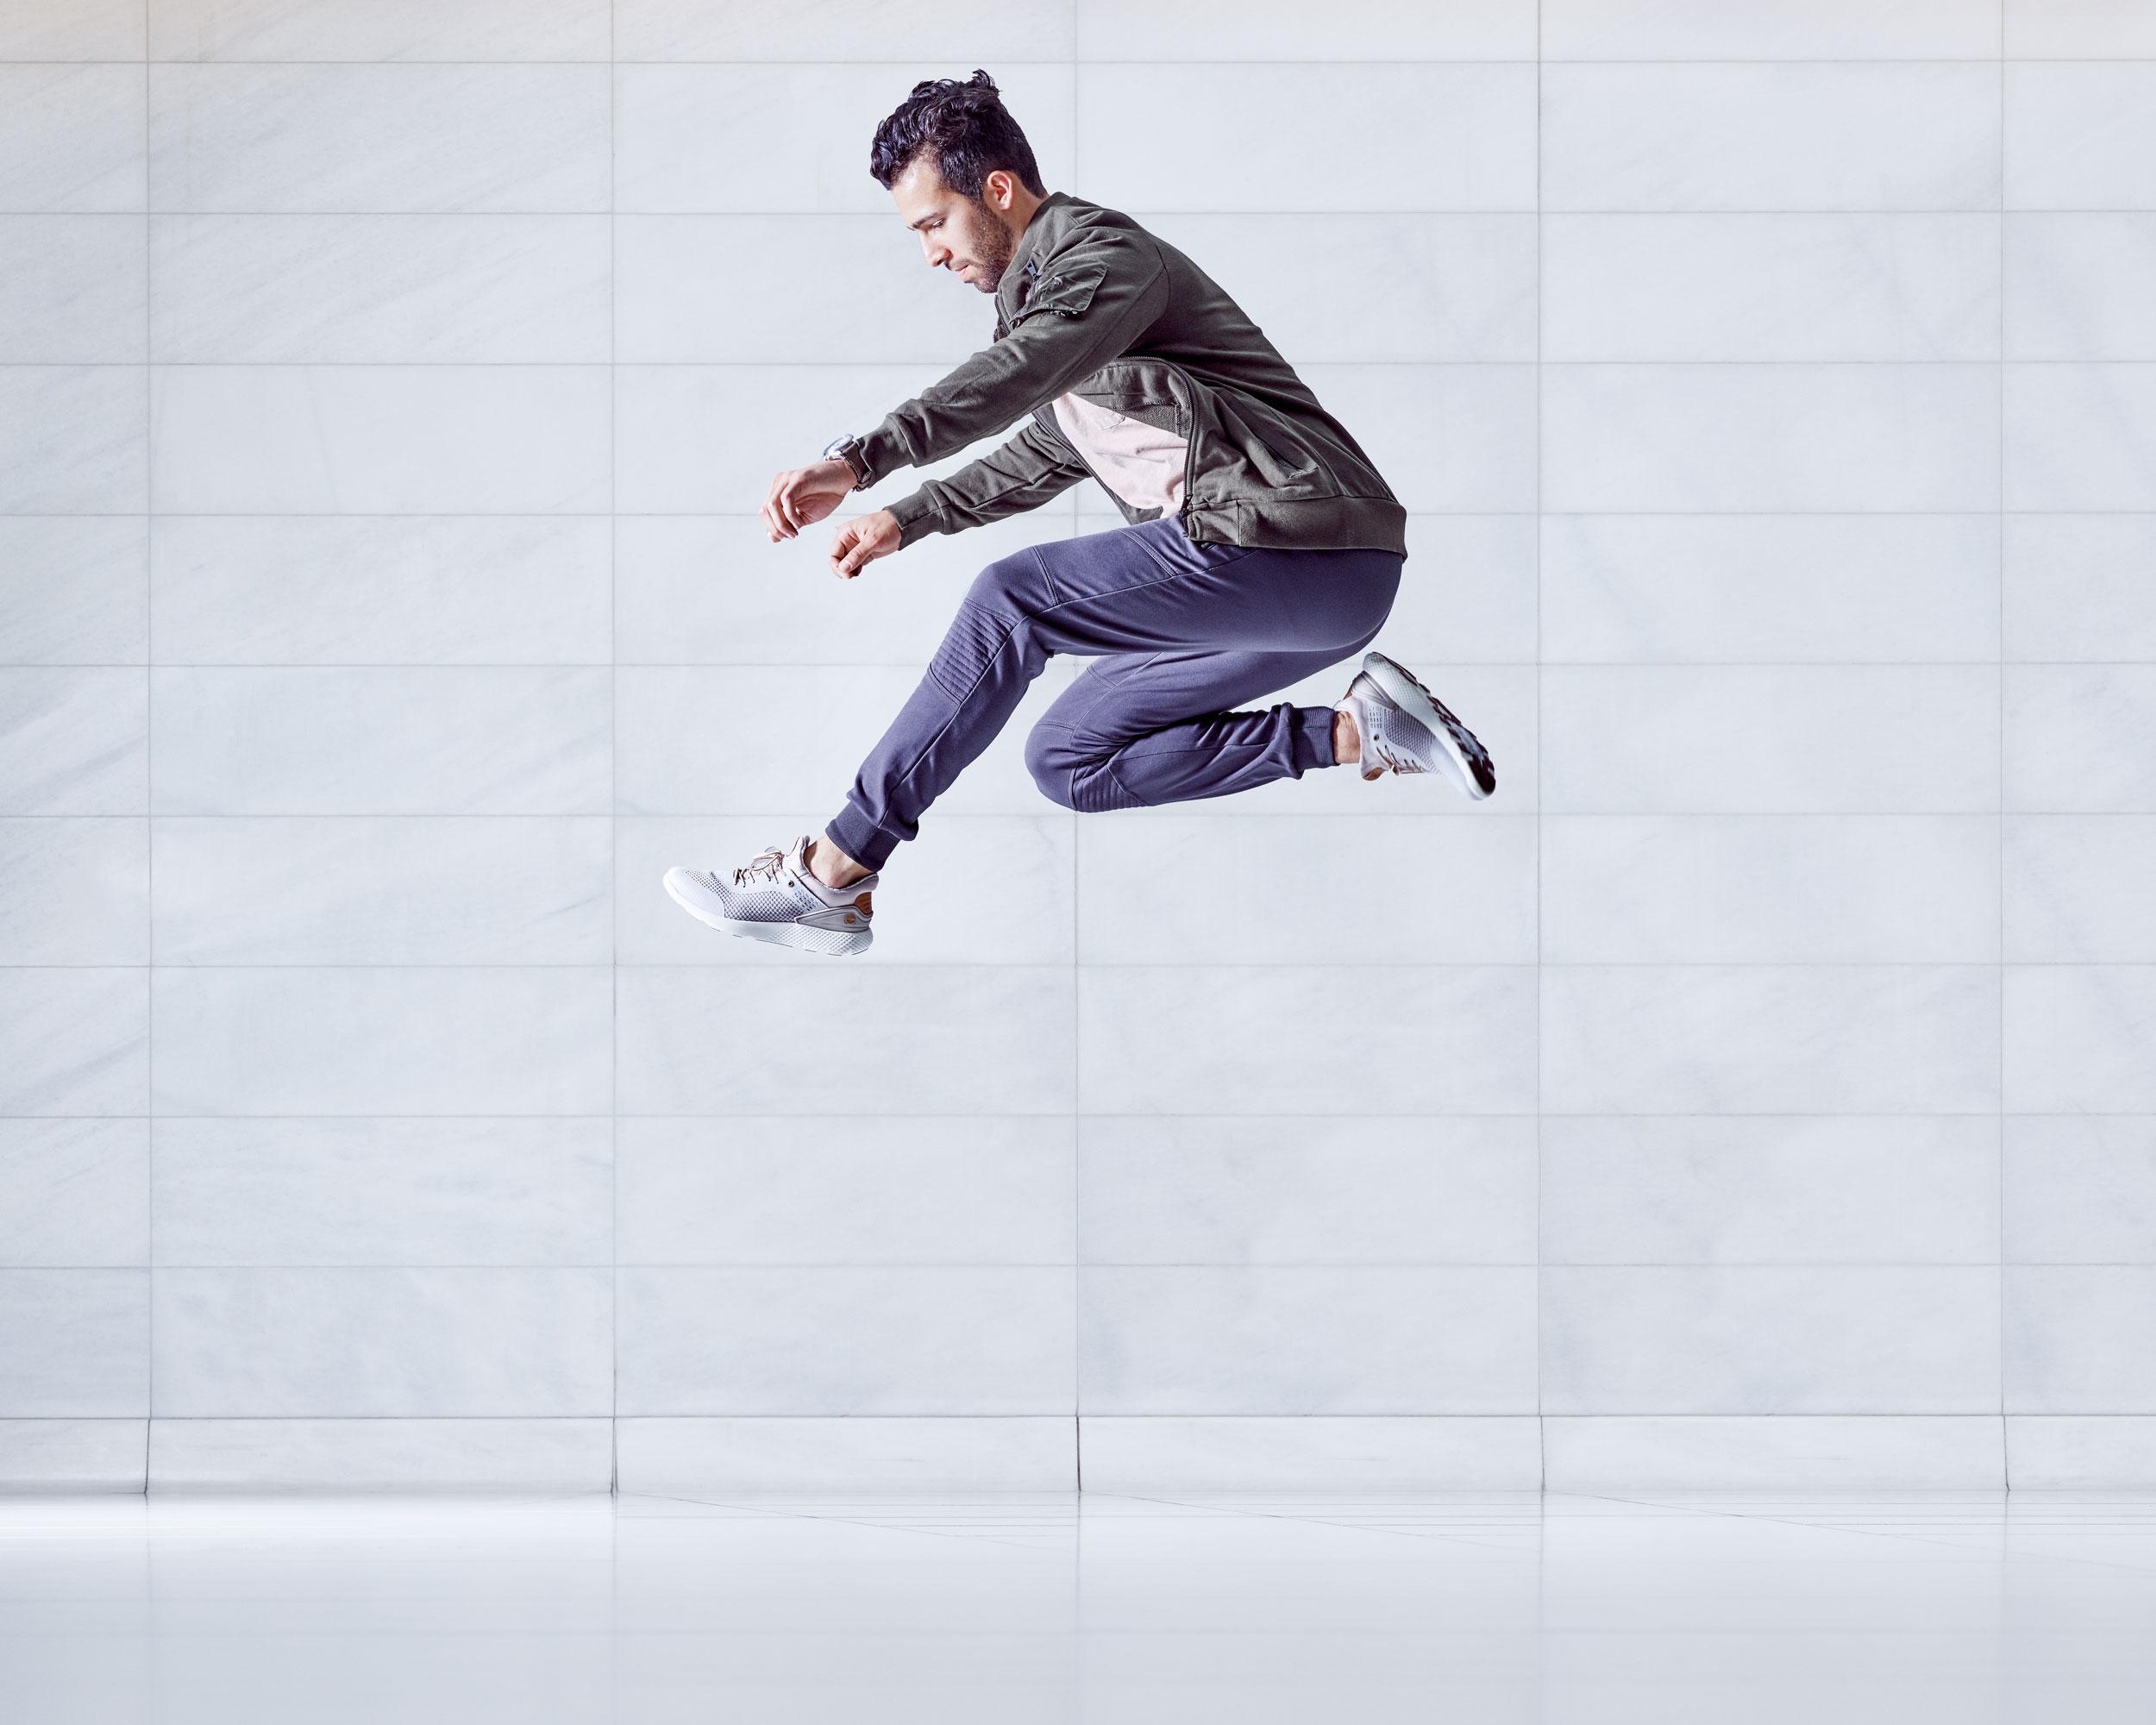 Erskine_Shot_6_001-9-Jump-c2.jpg